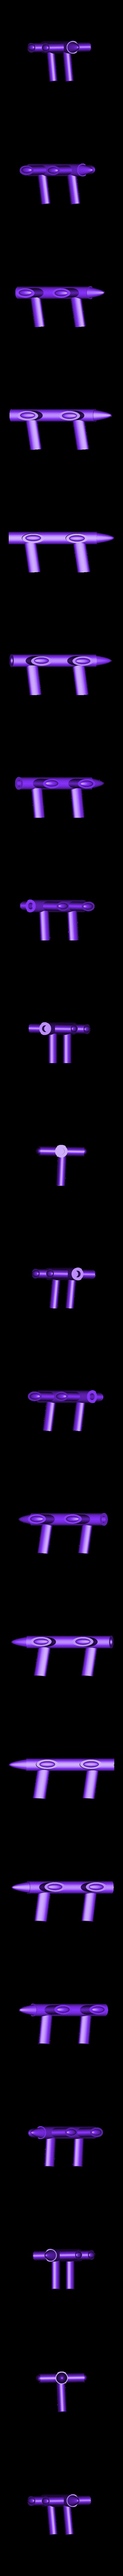 energy_blaster.stl Télécharger fichier STL gratuit Guard Rob (robot) • Objet pour imprimante 3D, NohaBody